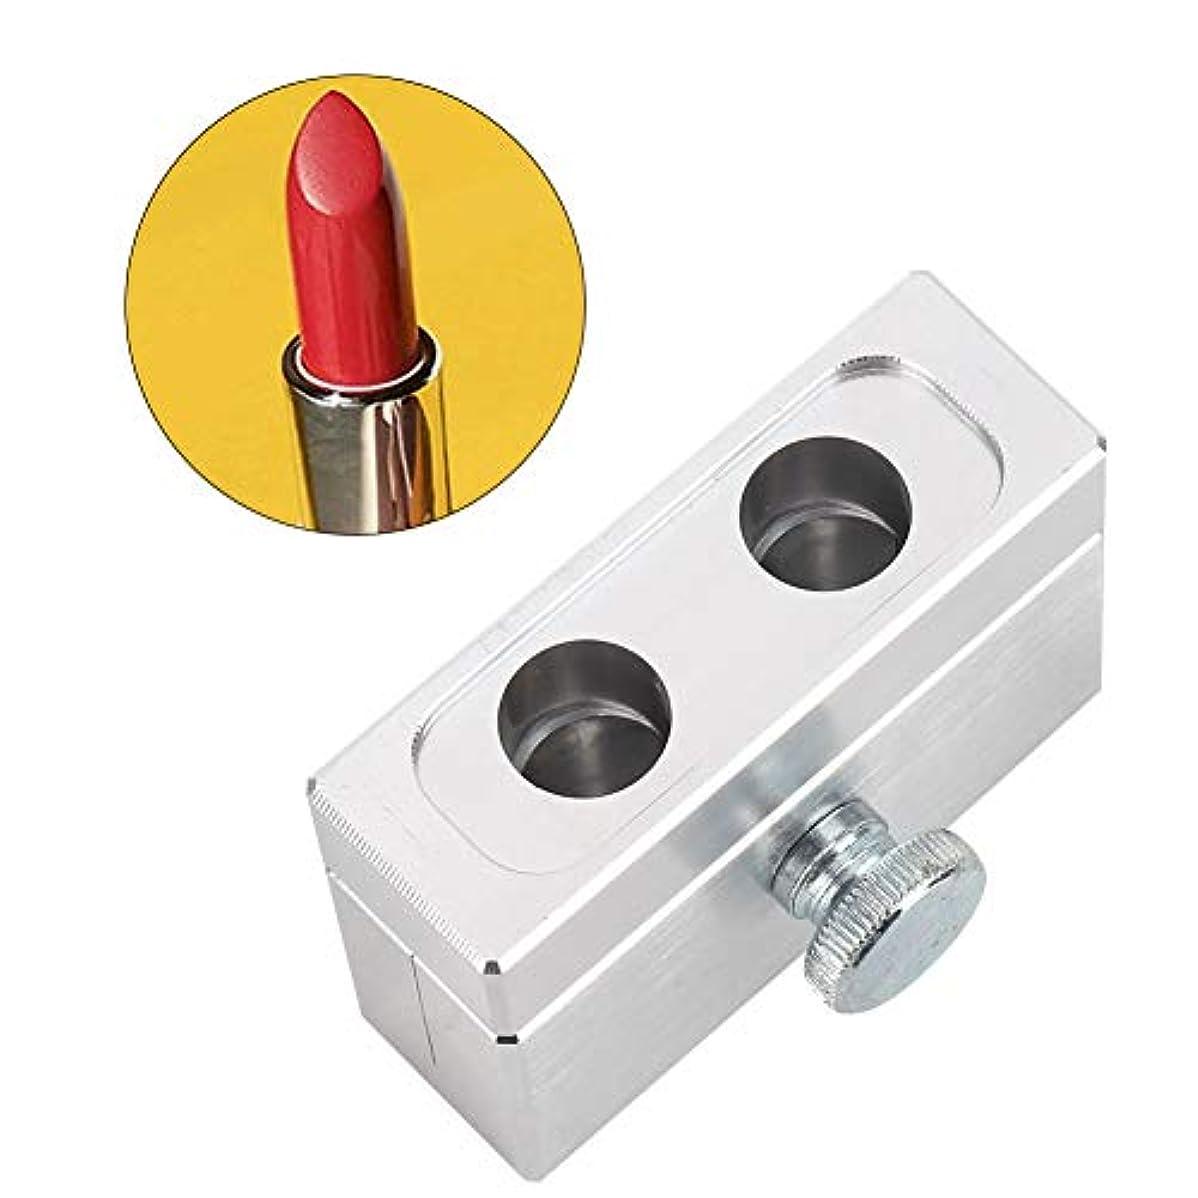 フォーマット環境シンカンDIY口紅型、口紅容器 12.1mm 2穴くちばし型アルミニウム合金リップバームモールドホルダートリプル使用化粧品リップバームフィルメーカー成形ツール(銀色)